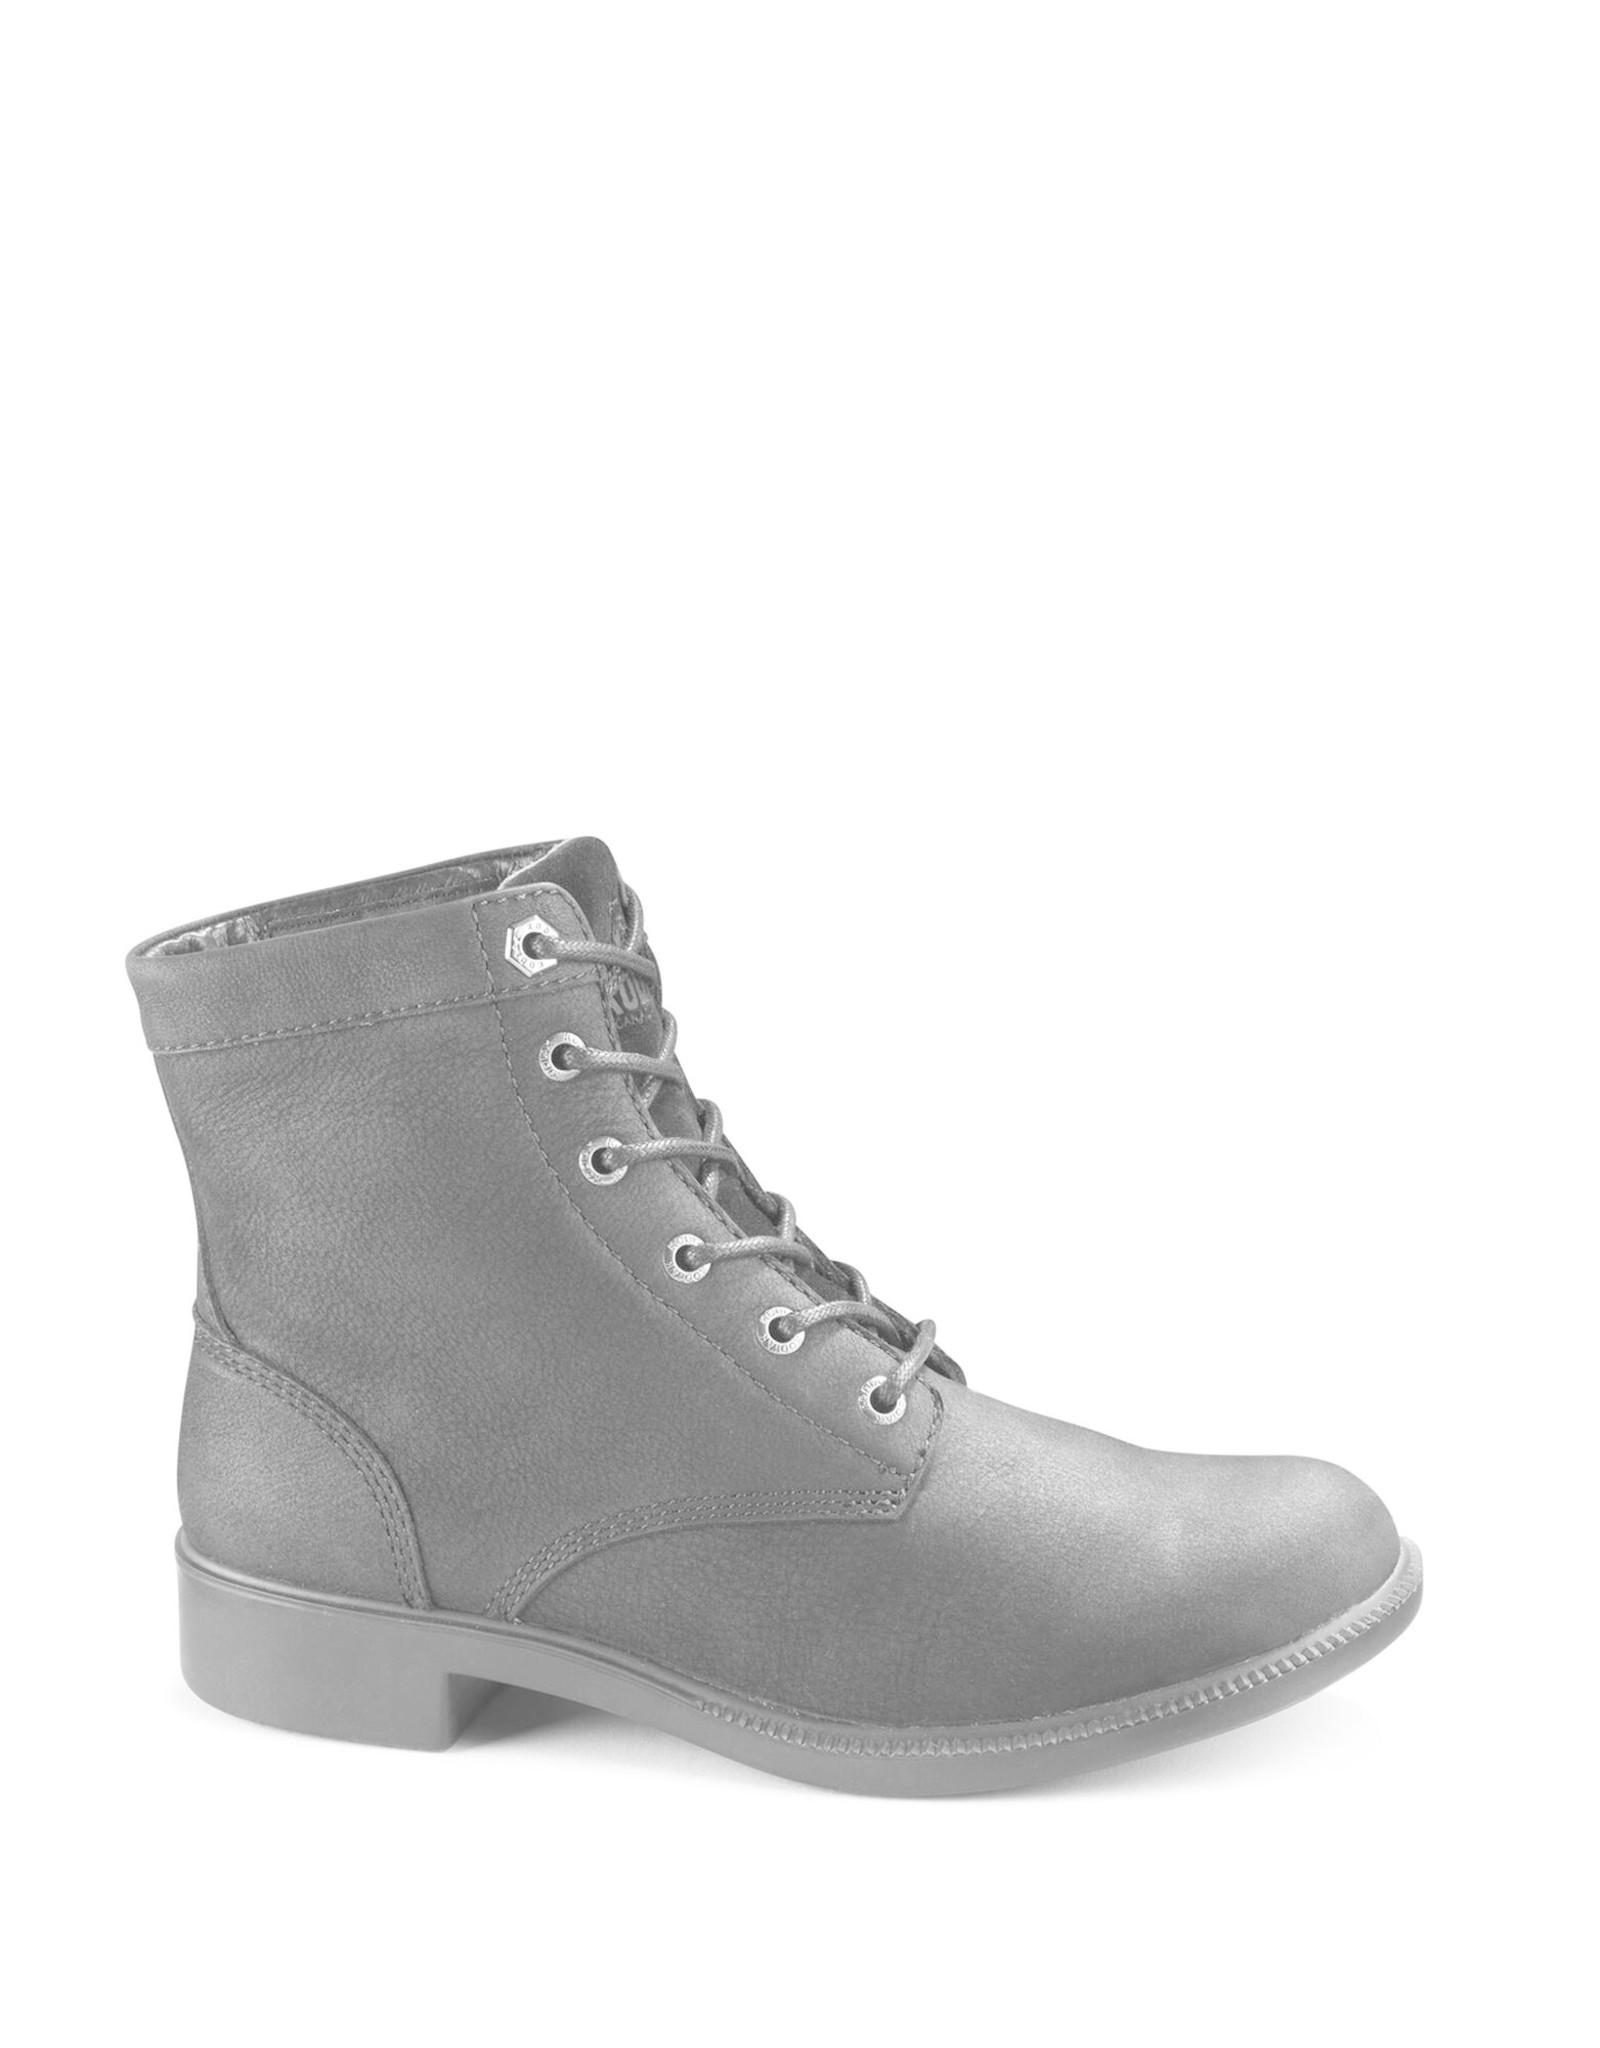 Kodiak Women's 5 Inch Original Boot WP